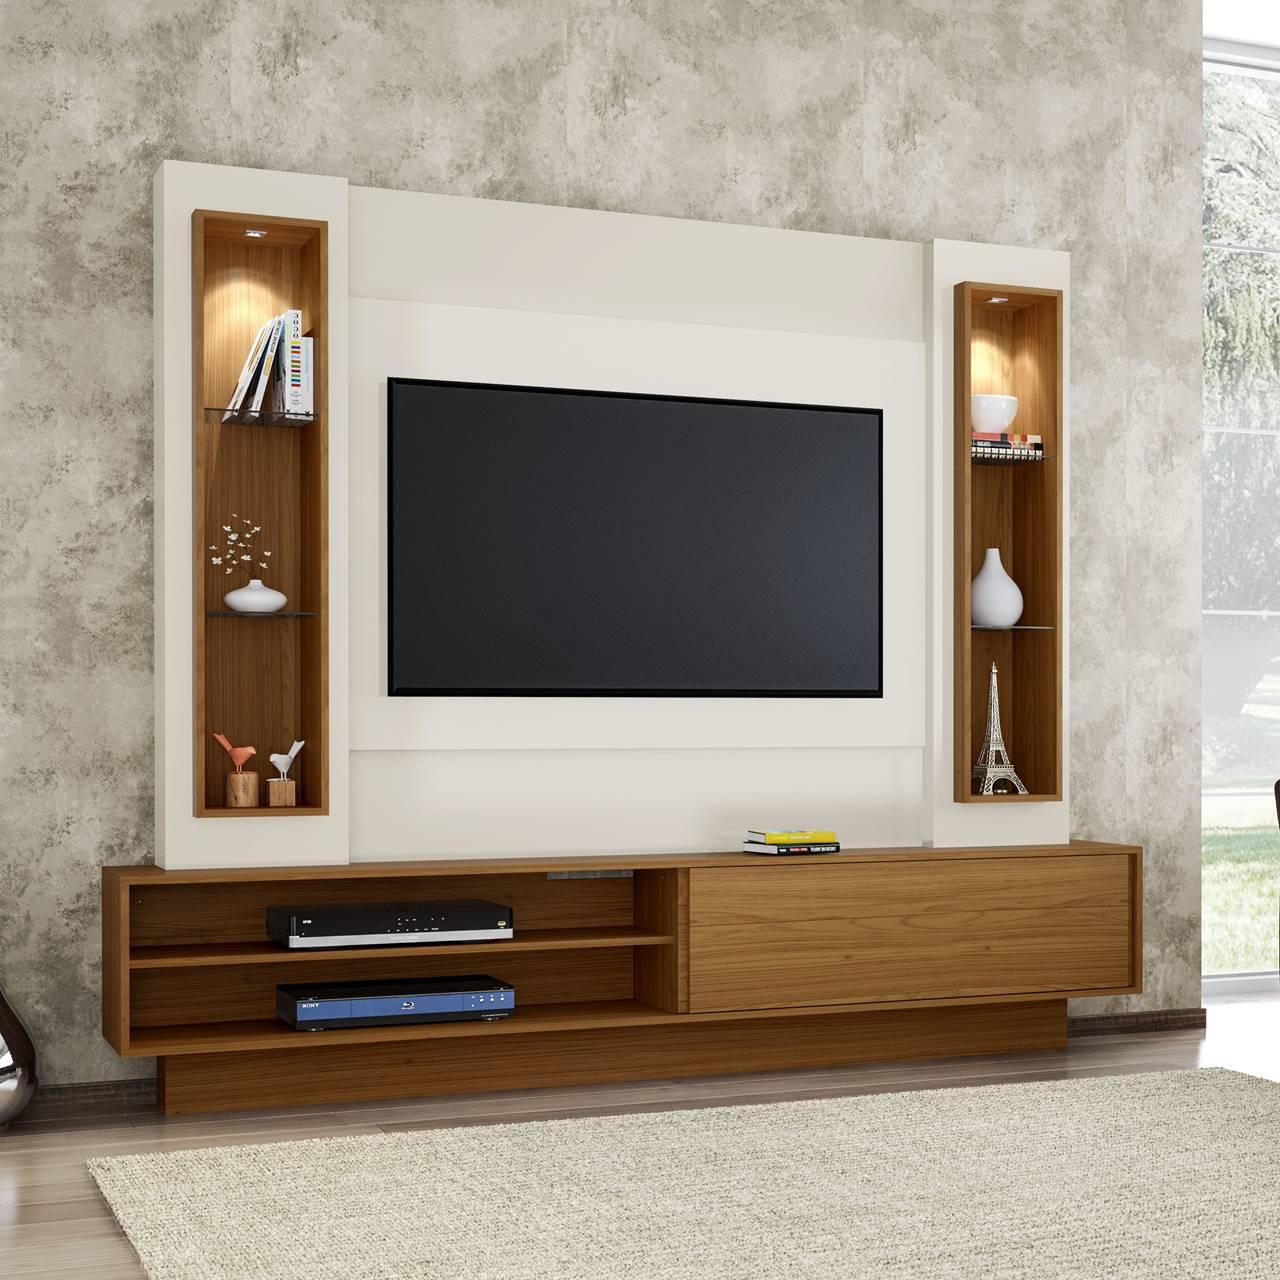 """Painel Home Suspenso p/ TV até 60"""" com LED TB129L Dalla Costa Offwhite/Freijó"""